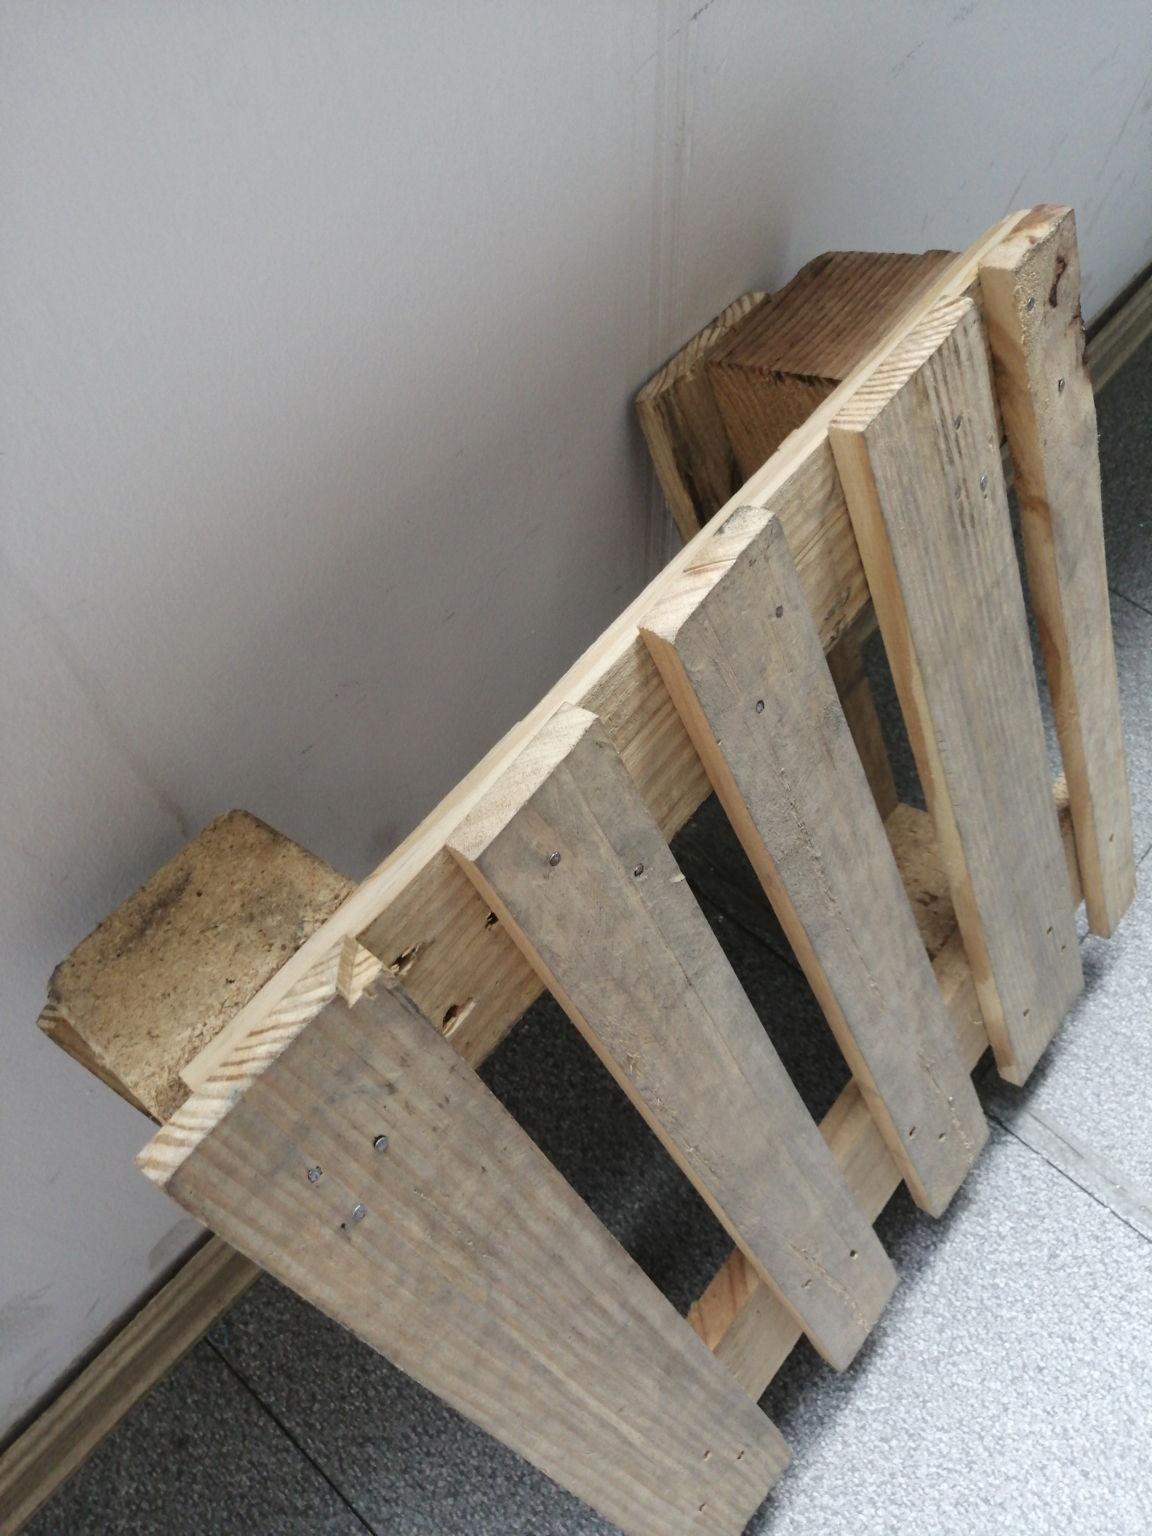 桐乡订做方形木托盘生产工厂订做拉手木托盘工厂订做拉